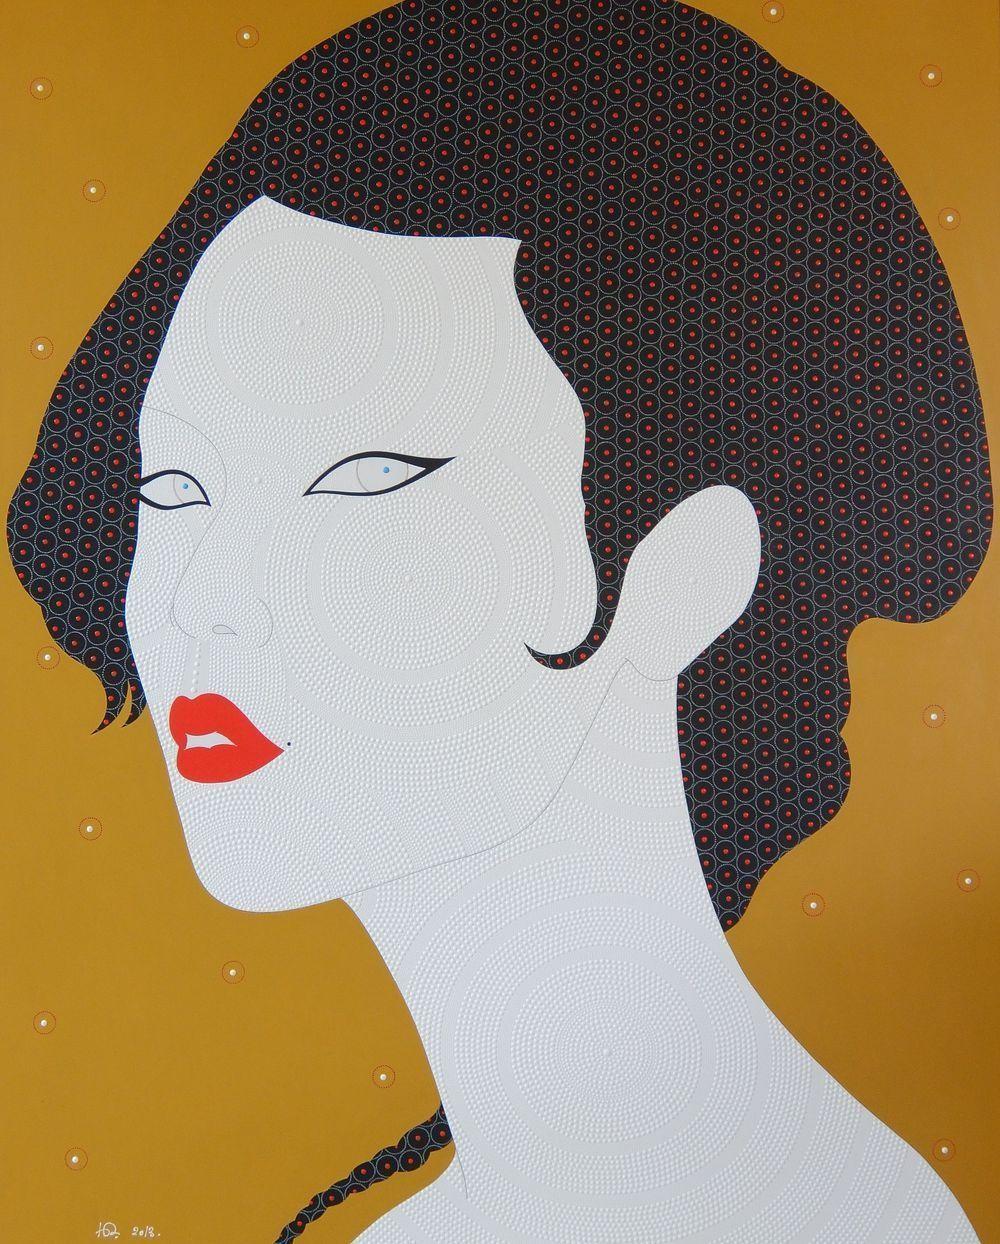 POP ART PORTRAIT 4